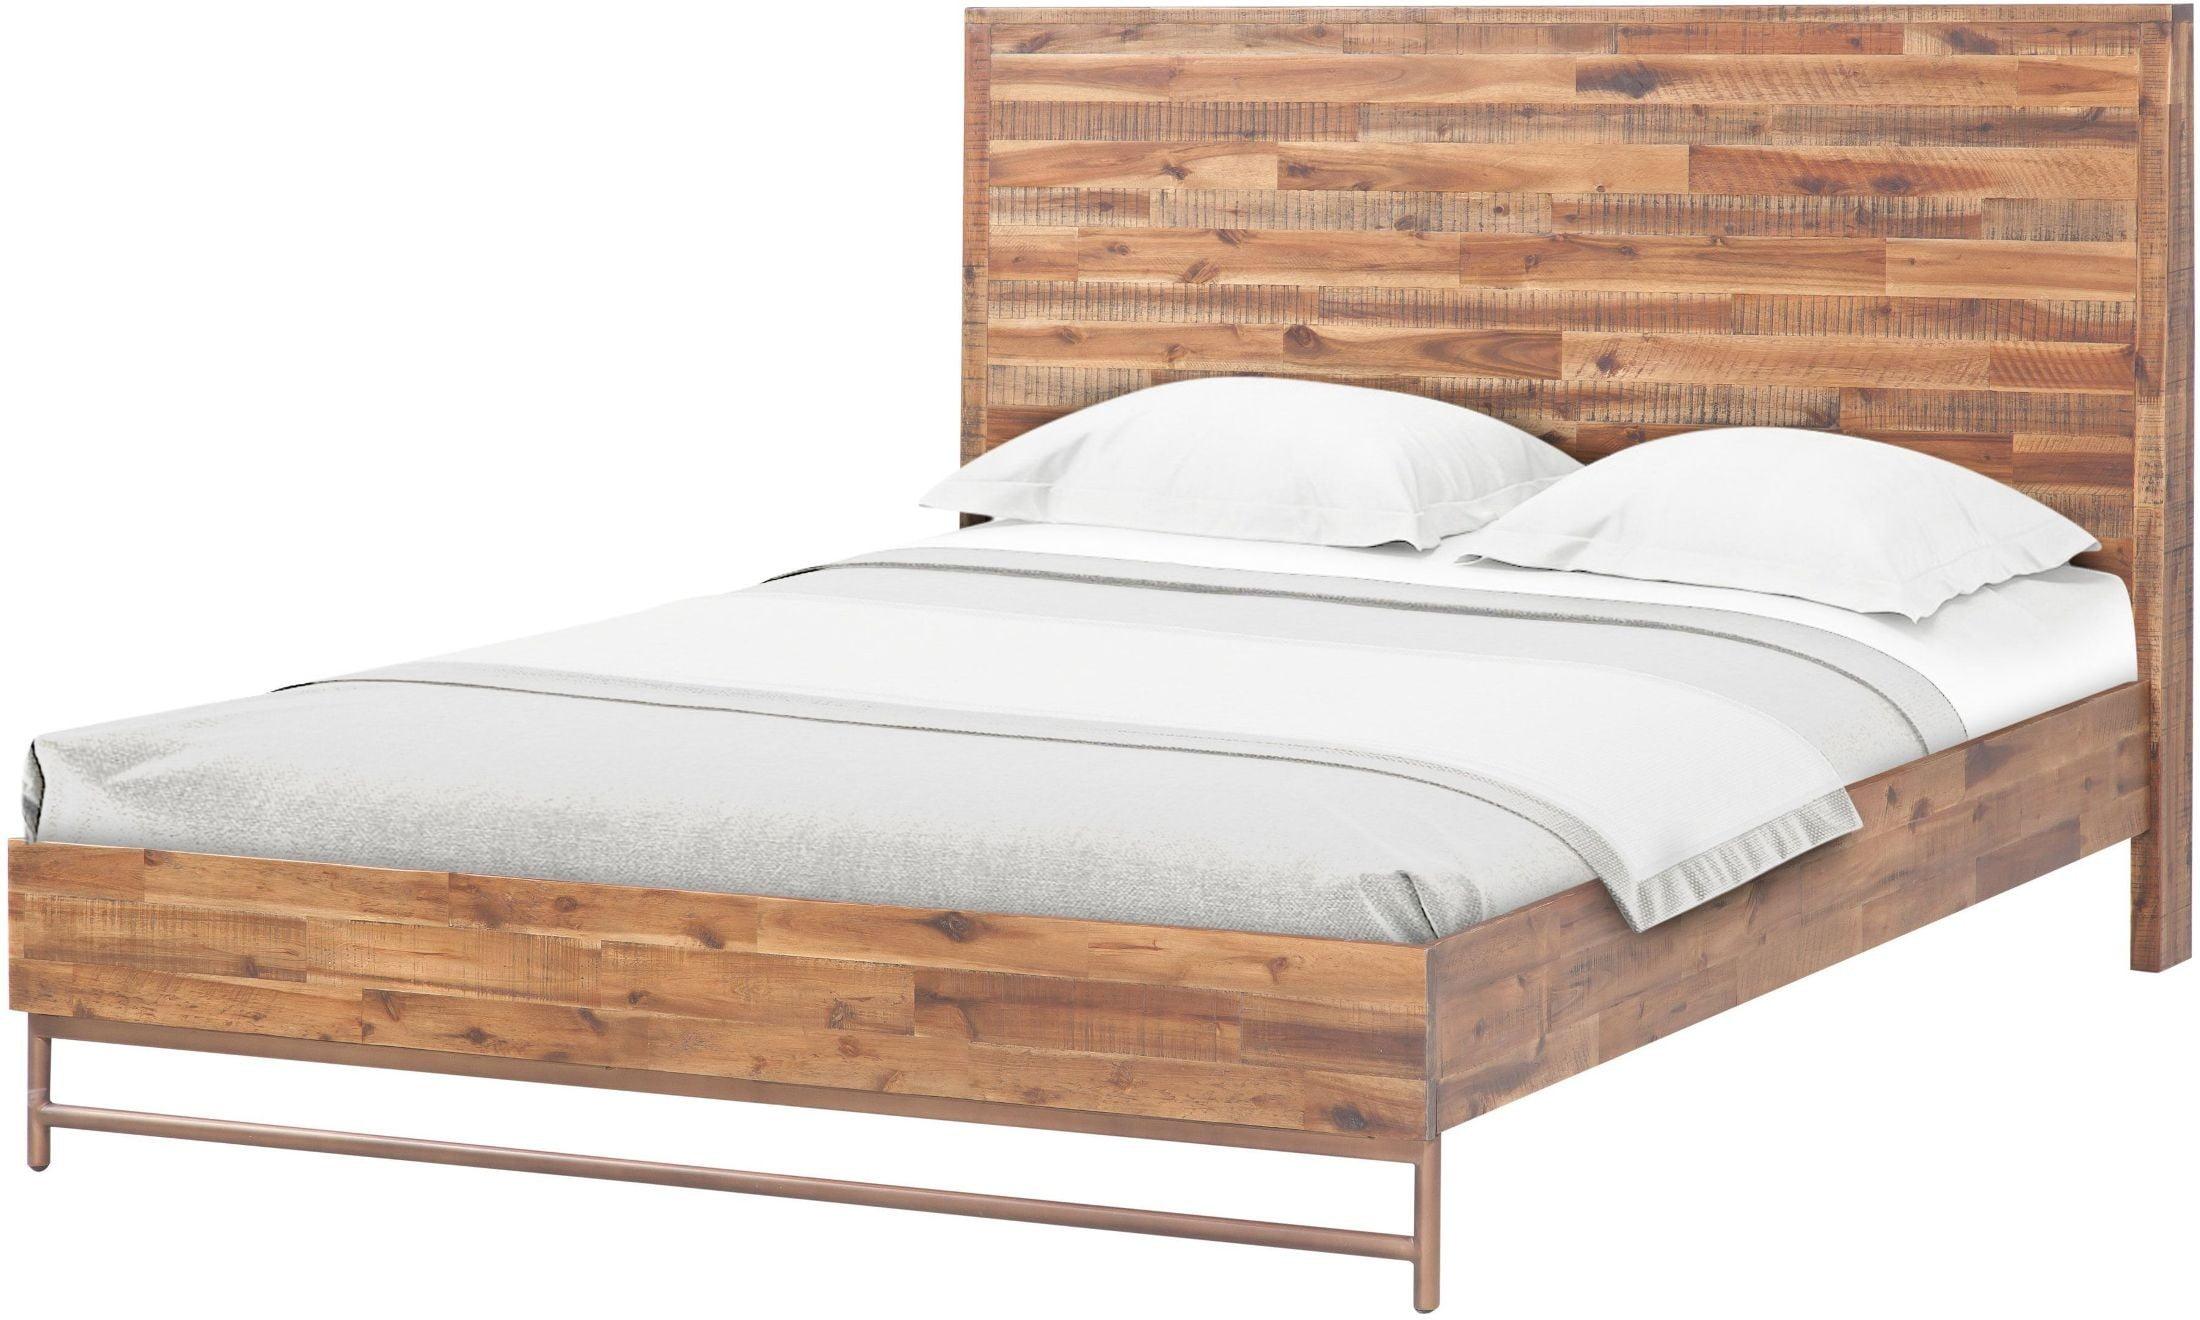 Bushwick Wooden Platform Bedroom Set from TOV Furniture | Coleman ...